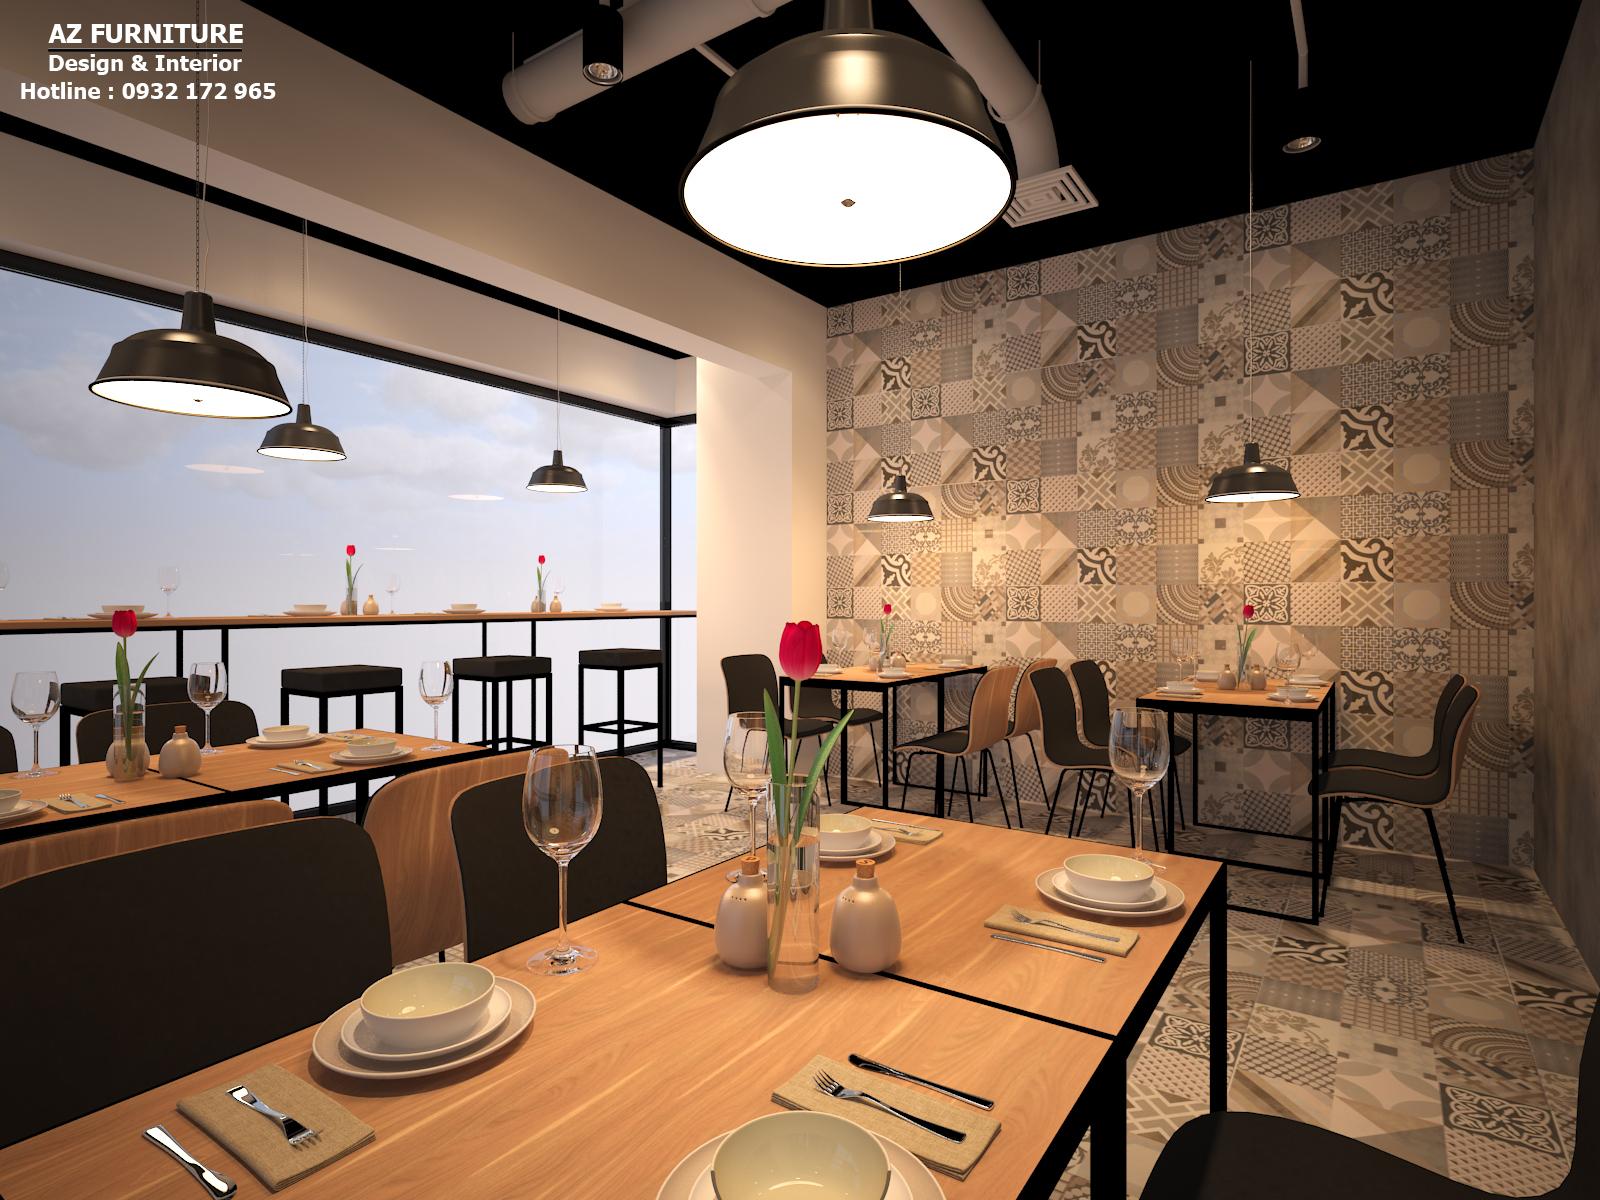 Thiết kế nhà hàng, cafe hiện đại